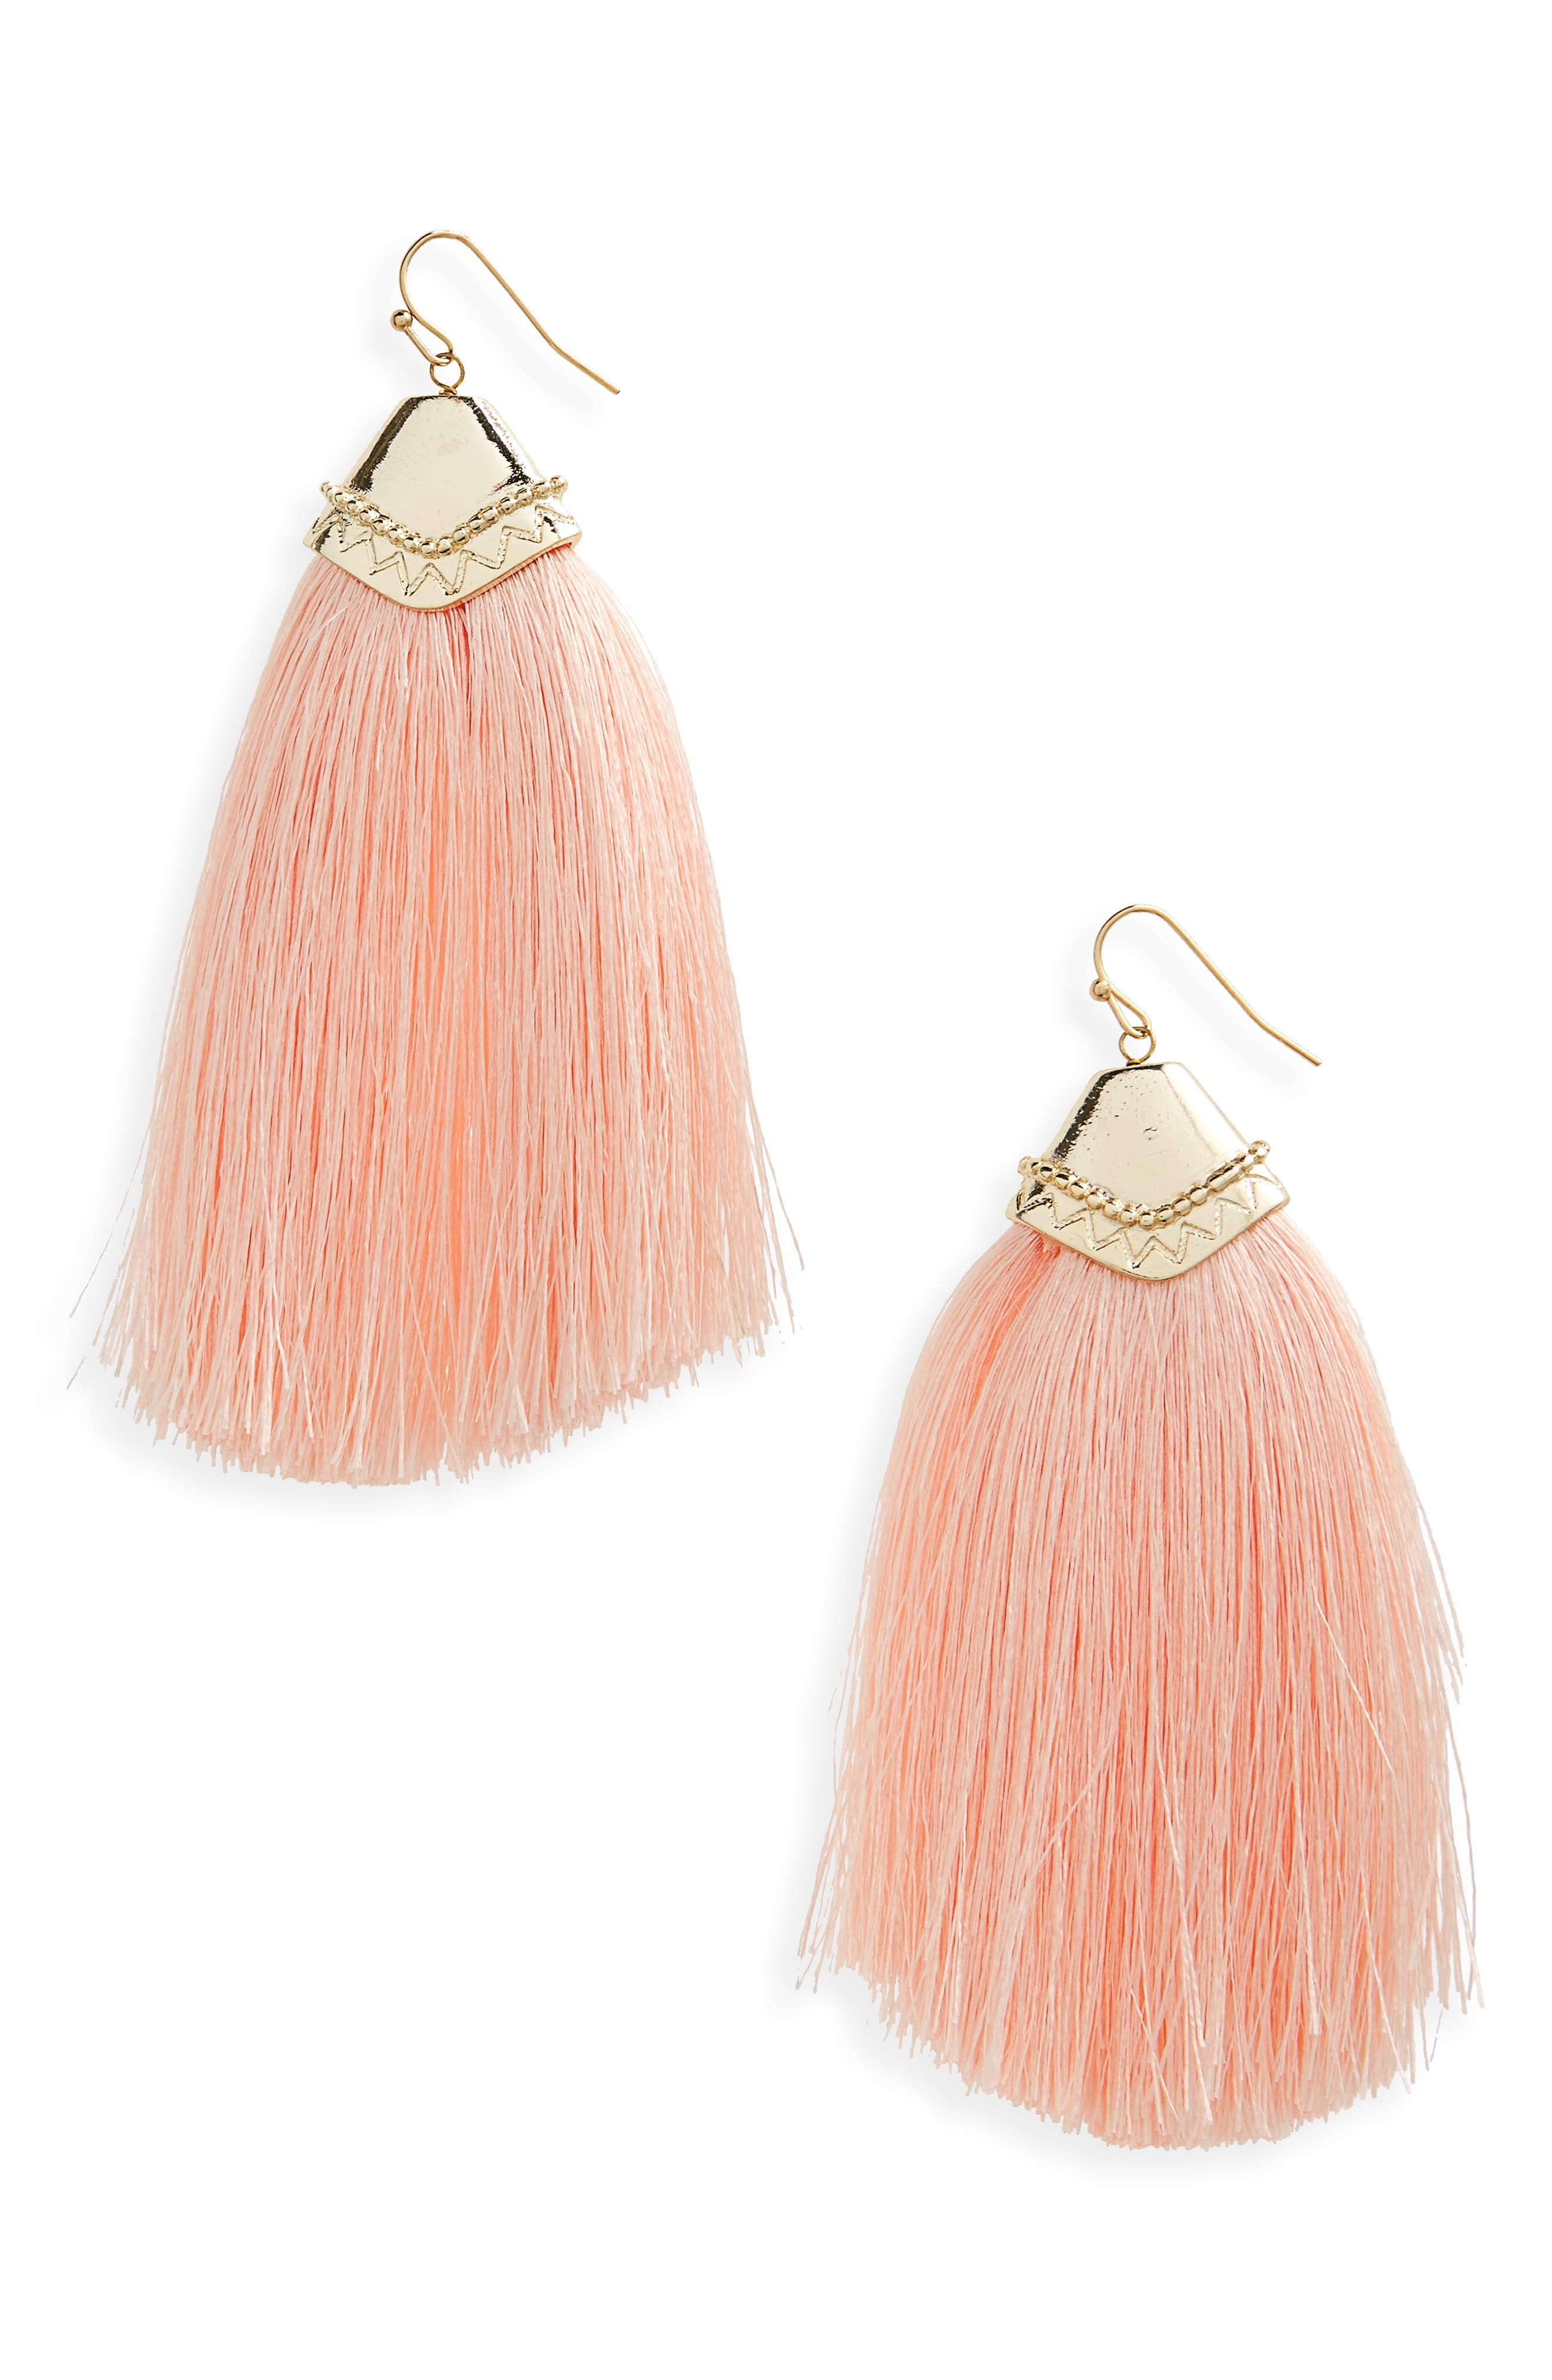 Alternate Image 1 Selected - Panacea Fan Tassel Earrings